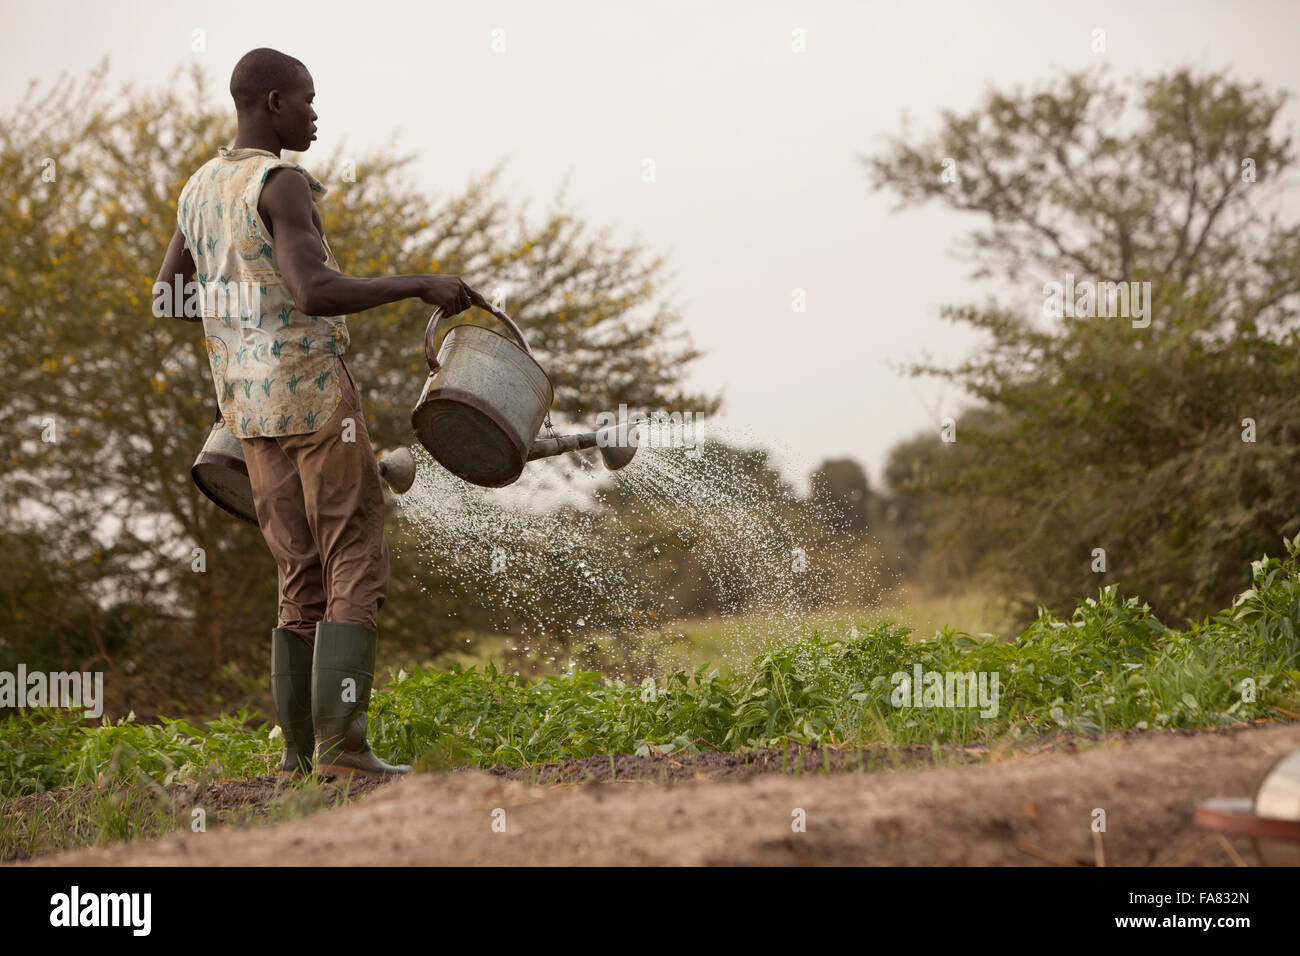 Ein Kleinbauer Gewässer seinen Gemüsegarten in Di-Abteilung, Burkina Faso. Stockfoto